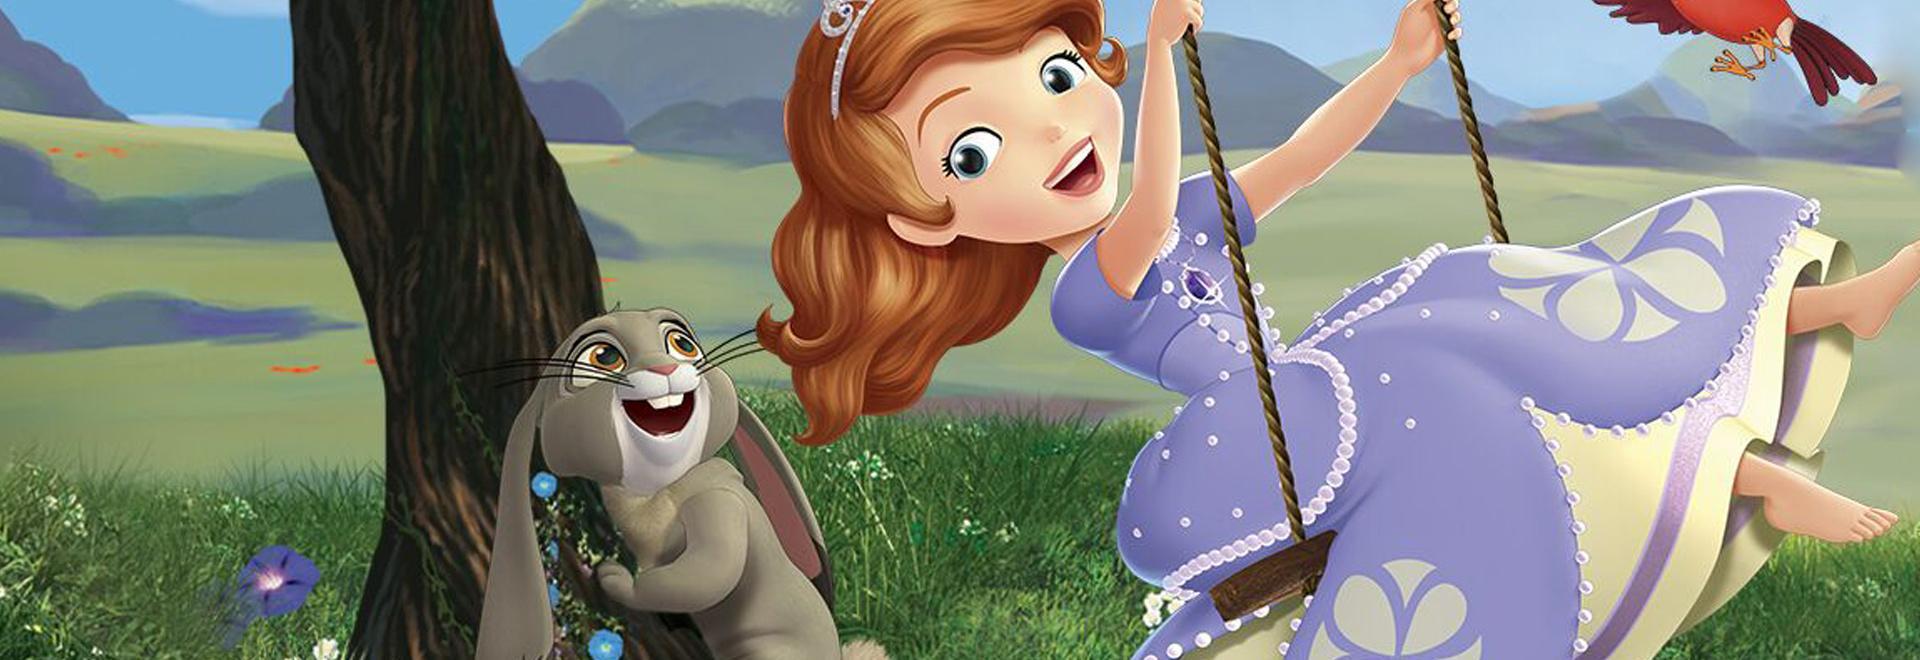 Sofia la principessa: Speciale